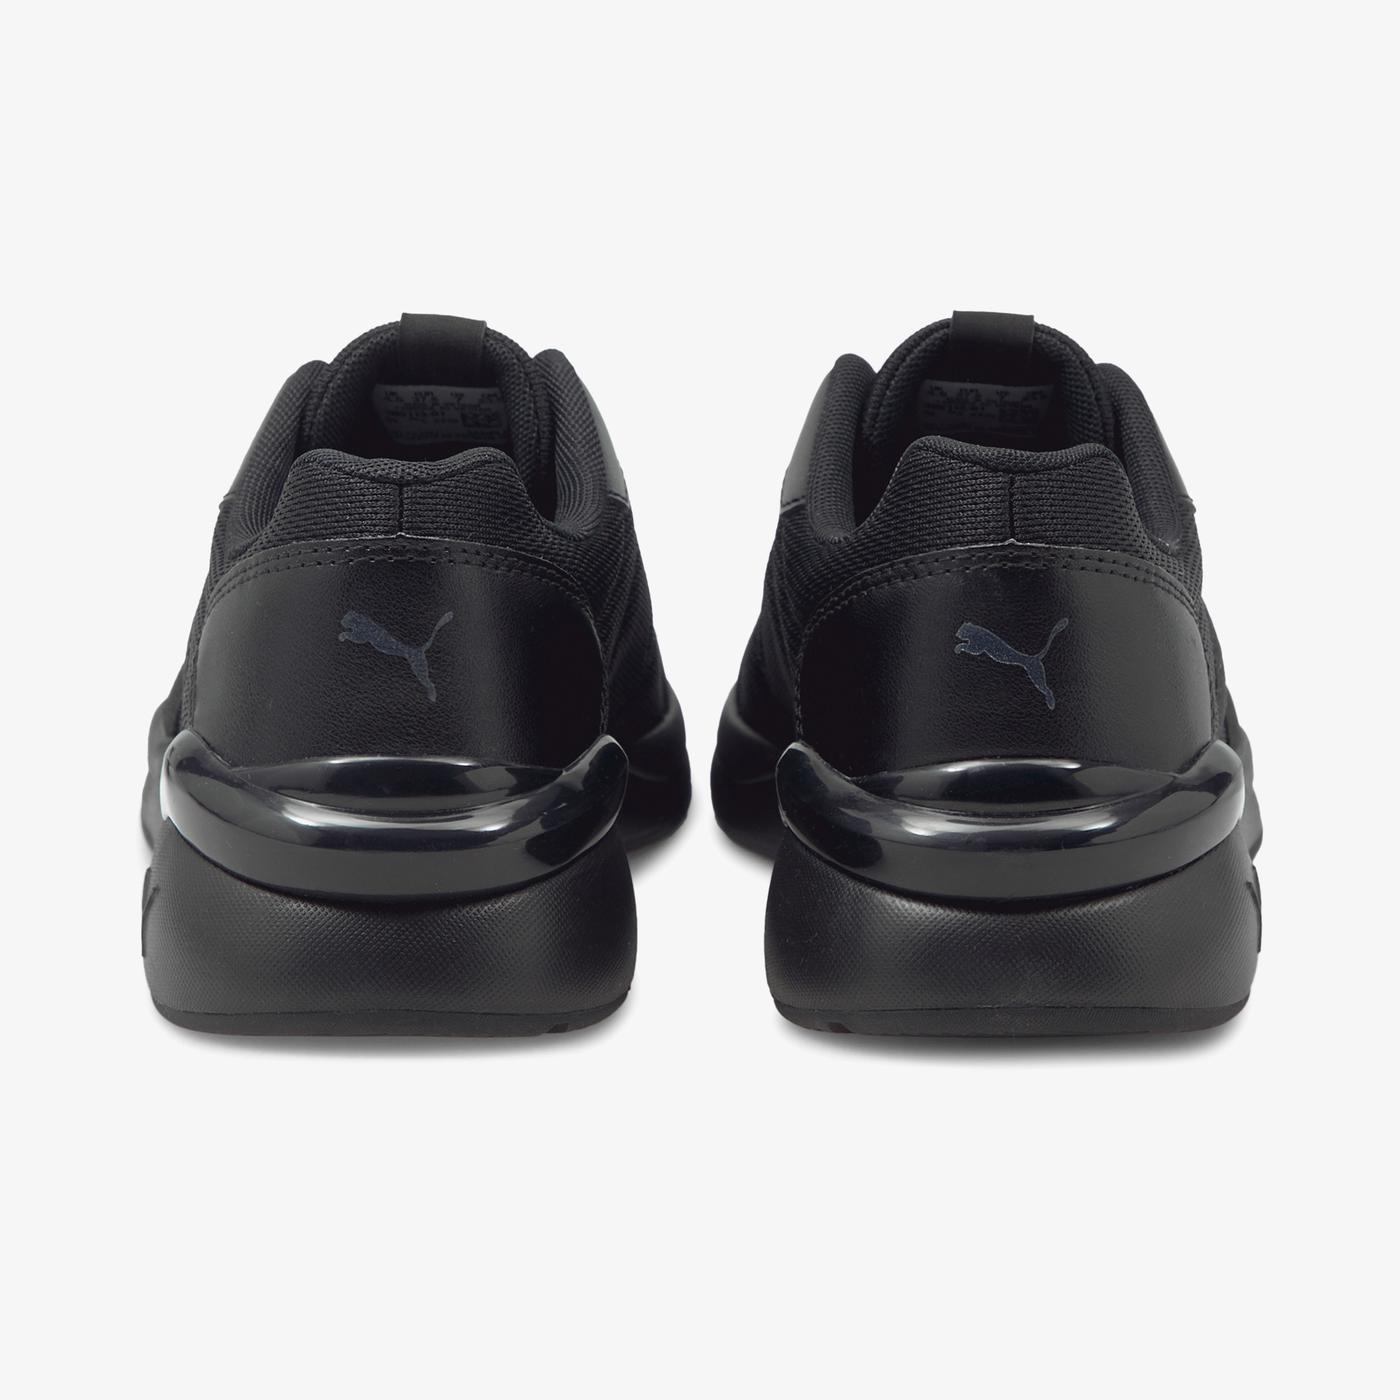 Puma Rose Kadın Siyah Spor Ayakkabı